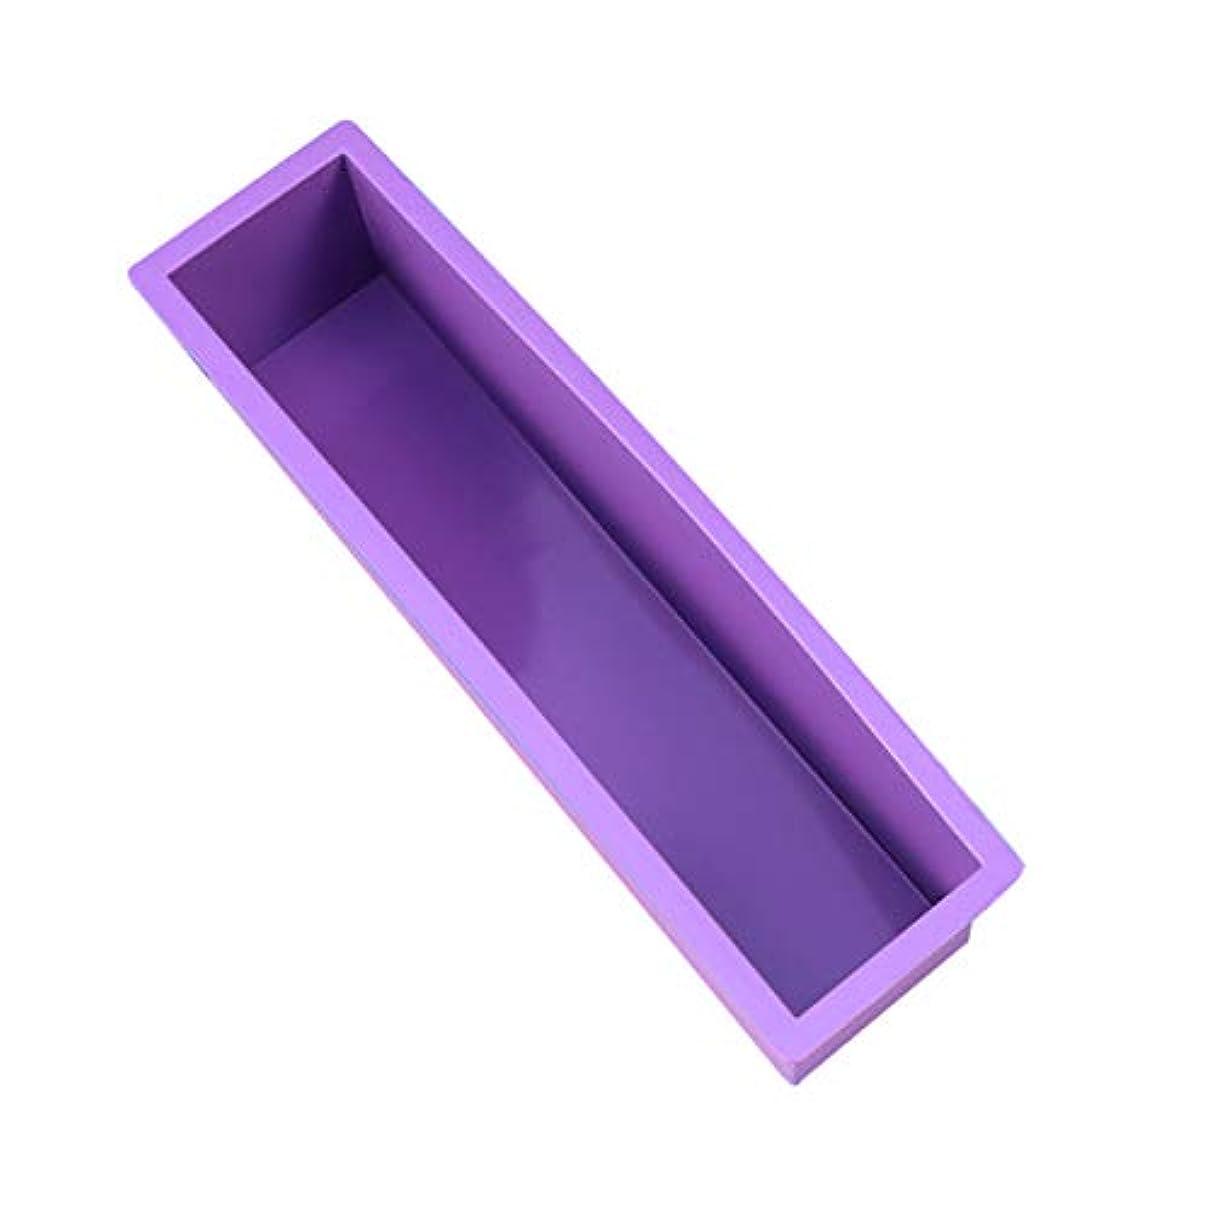 後世自己チャットHealifty DIYの石鹸金型スクエアラウンドオーバル金型木製ボックスサイズなしの手作り金型 - S(紫)